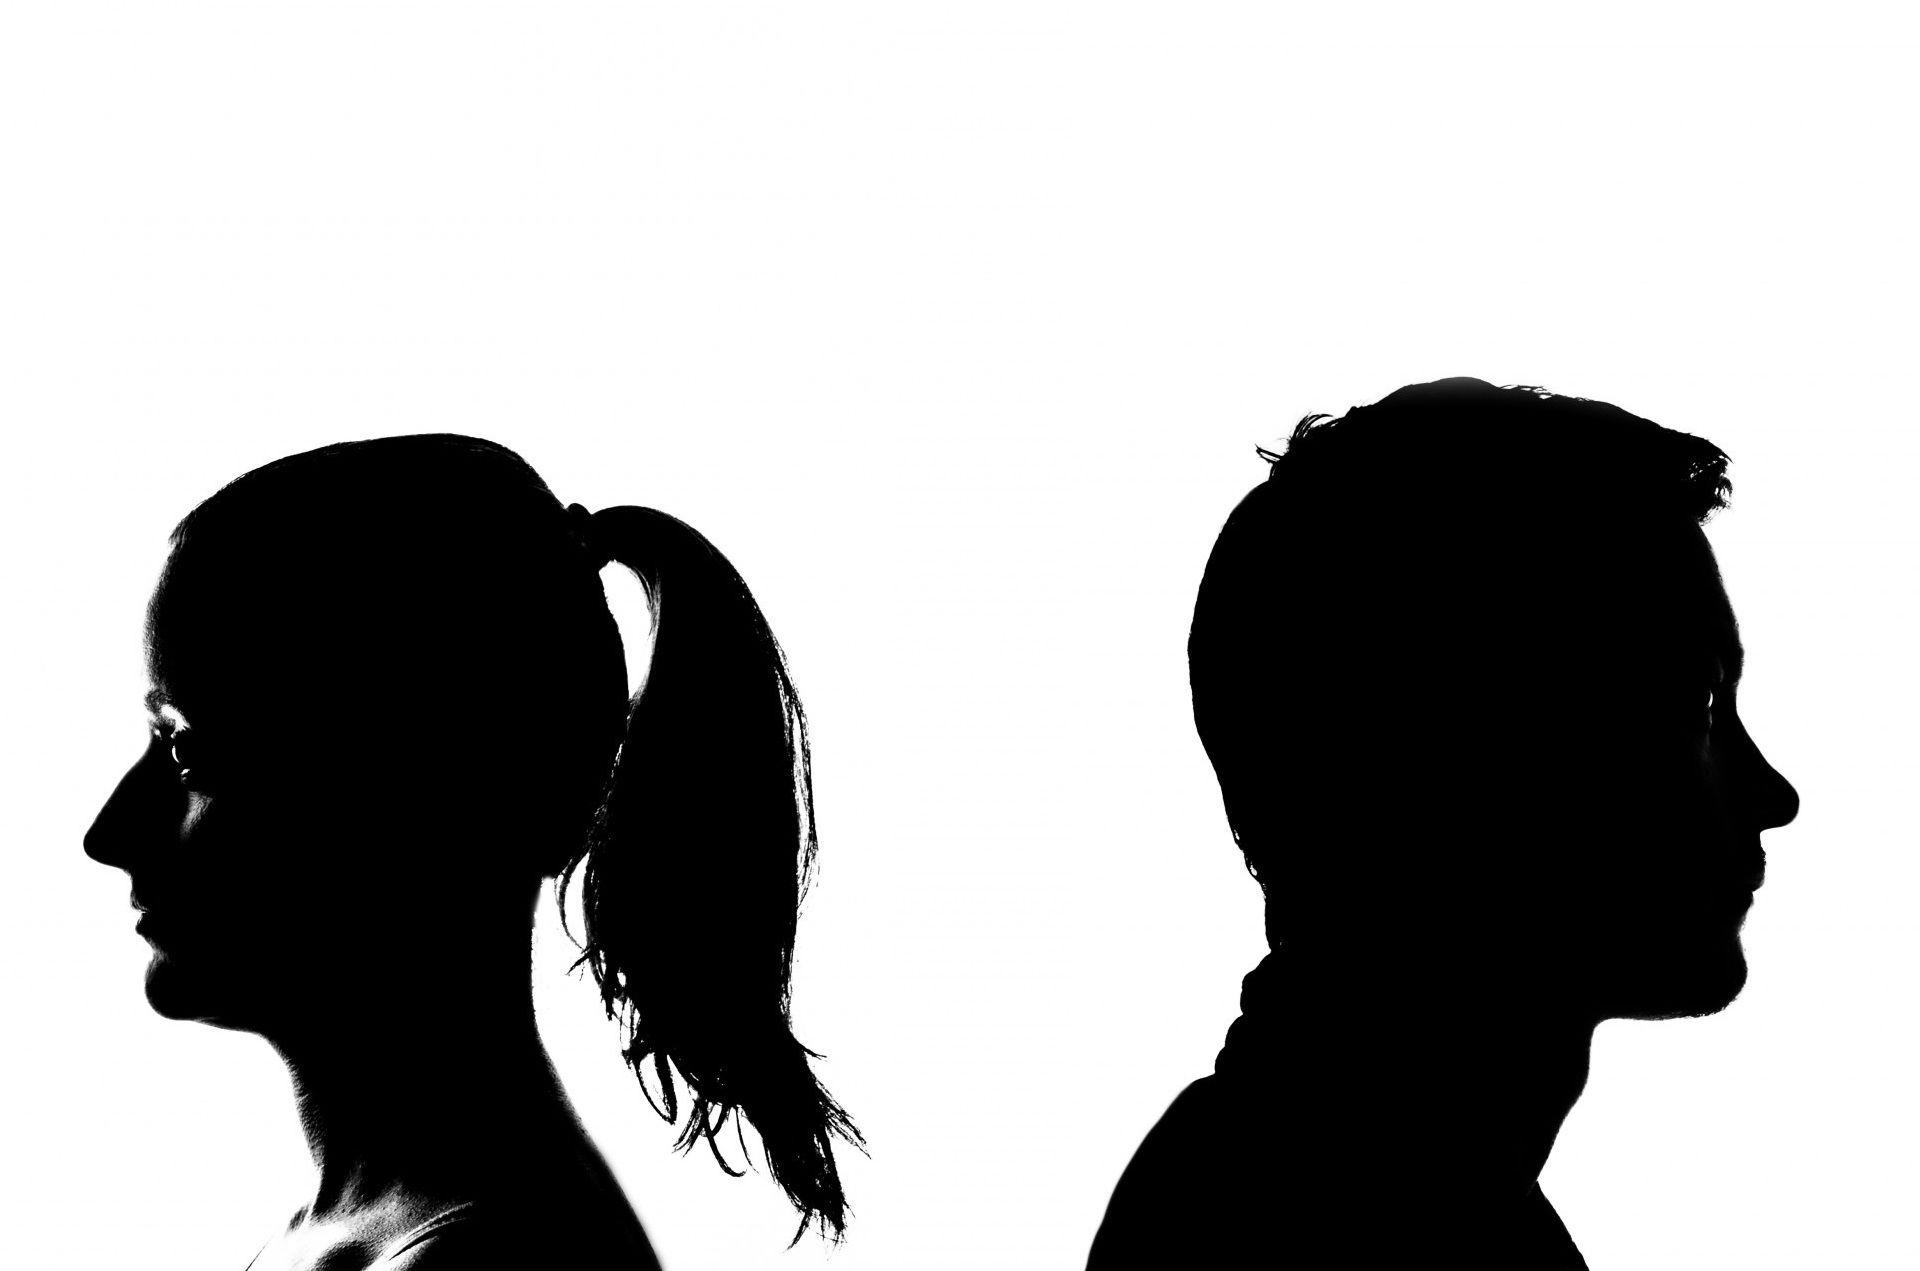 Beziehungsstress wird häufig durch Streit verursacht